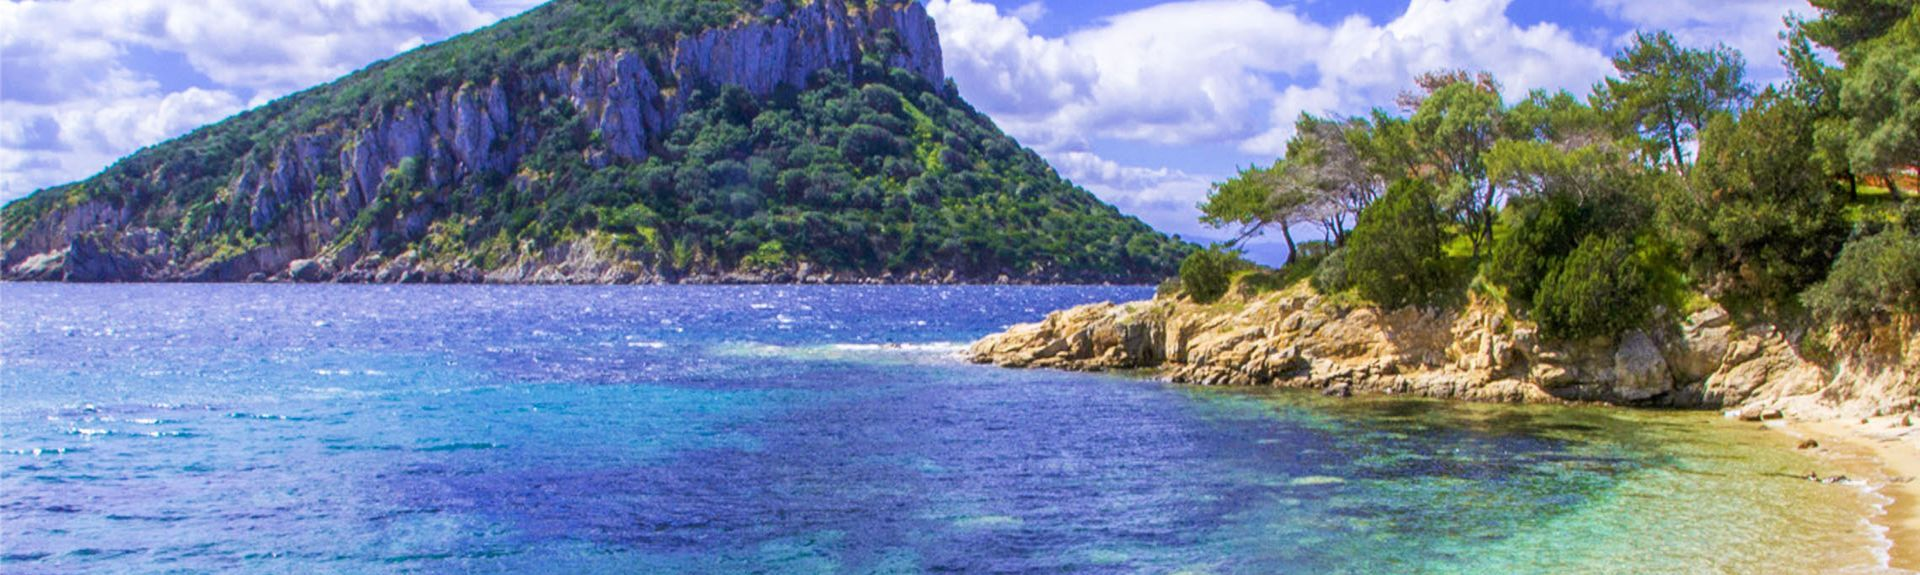 Baia Caddinas, Golfo Aranci, Sardegna, Italia